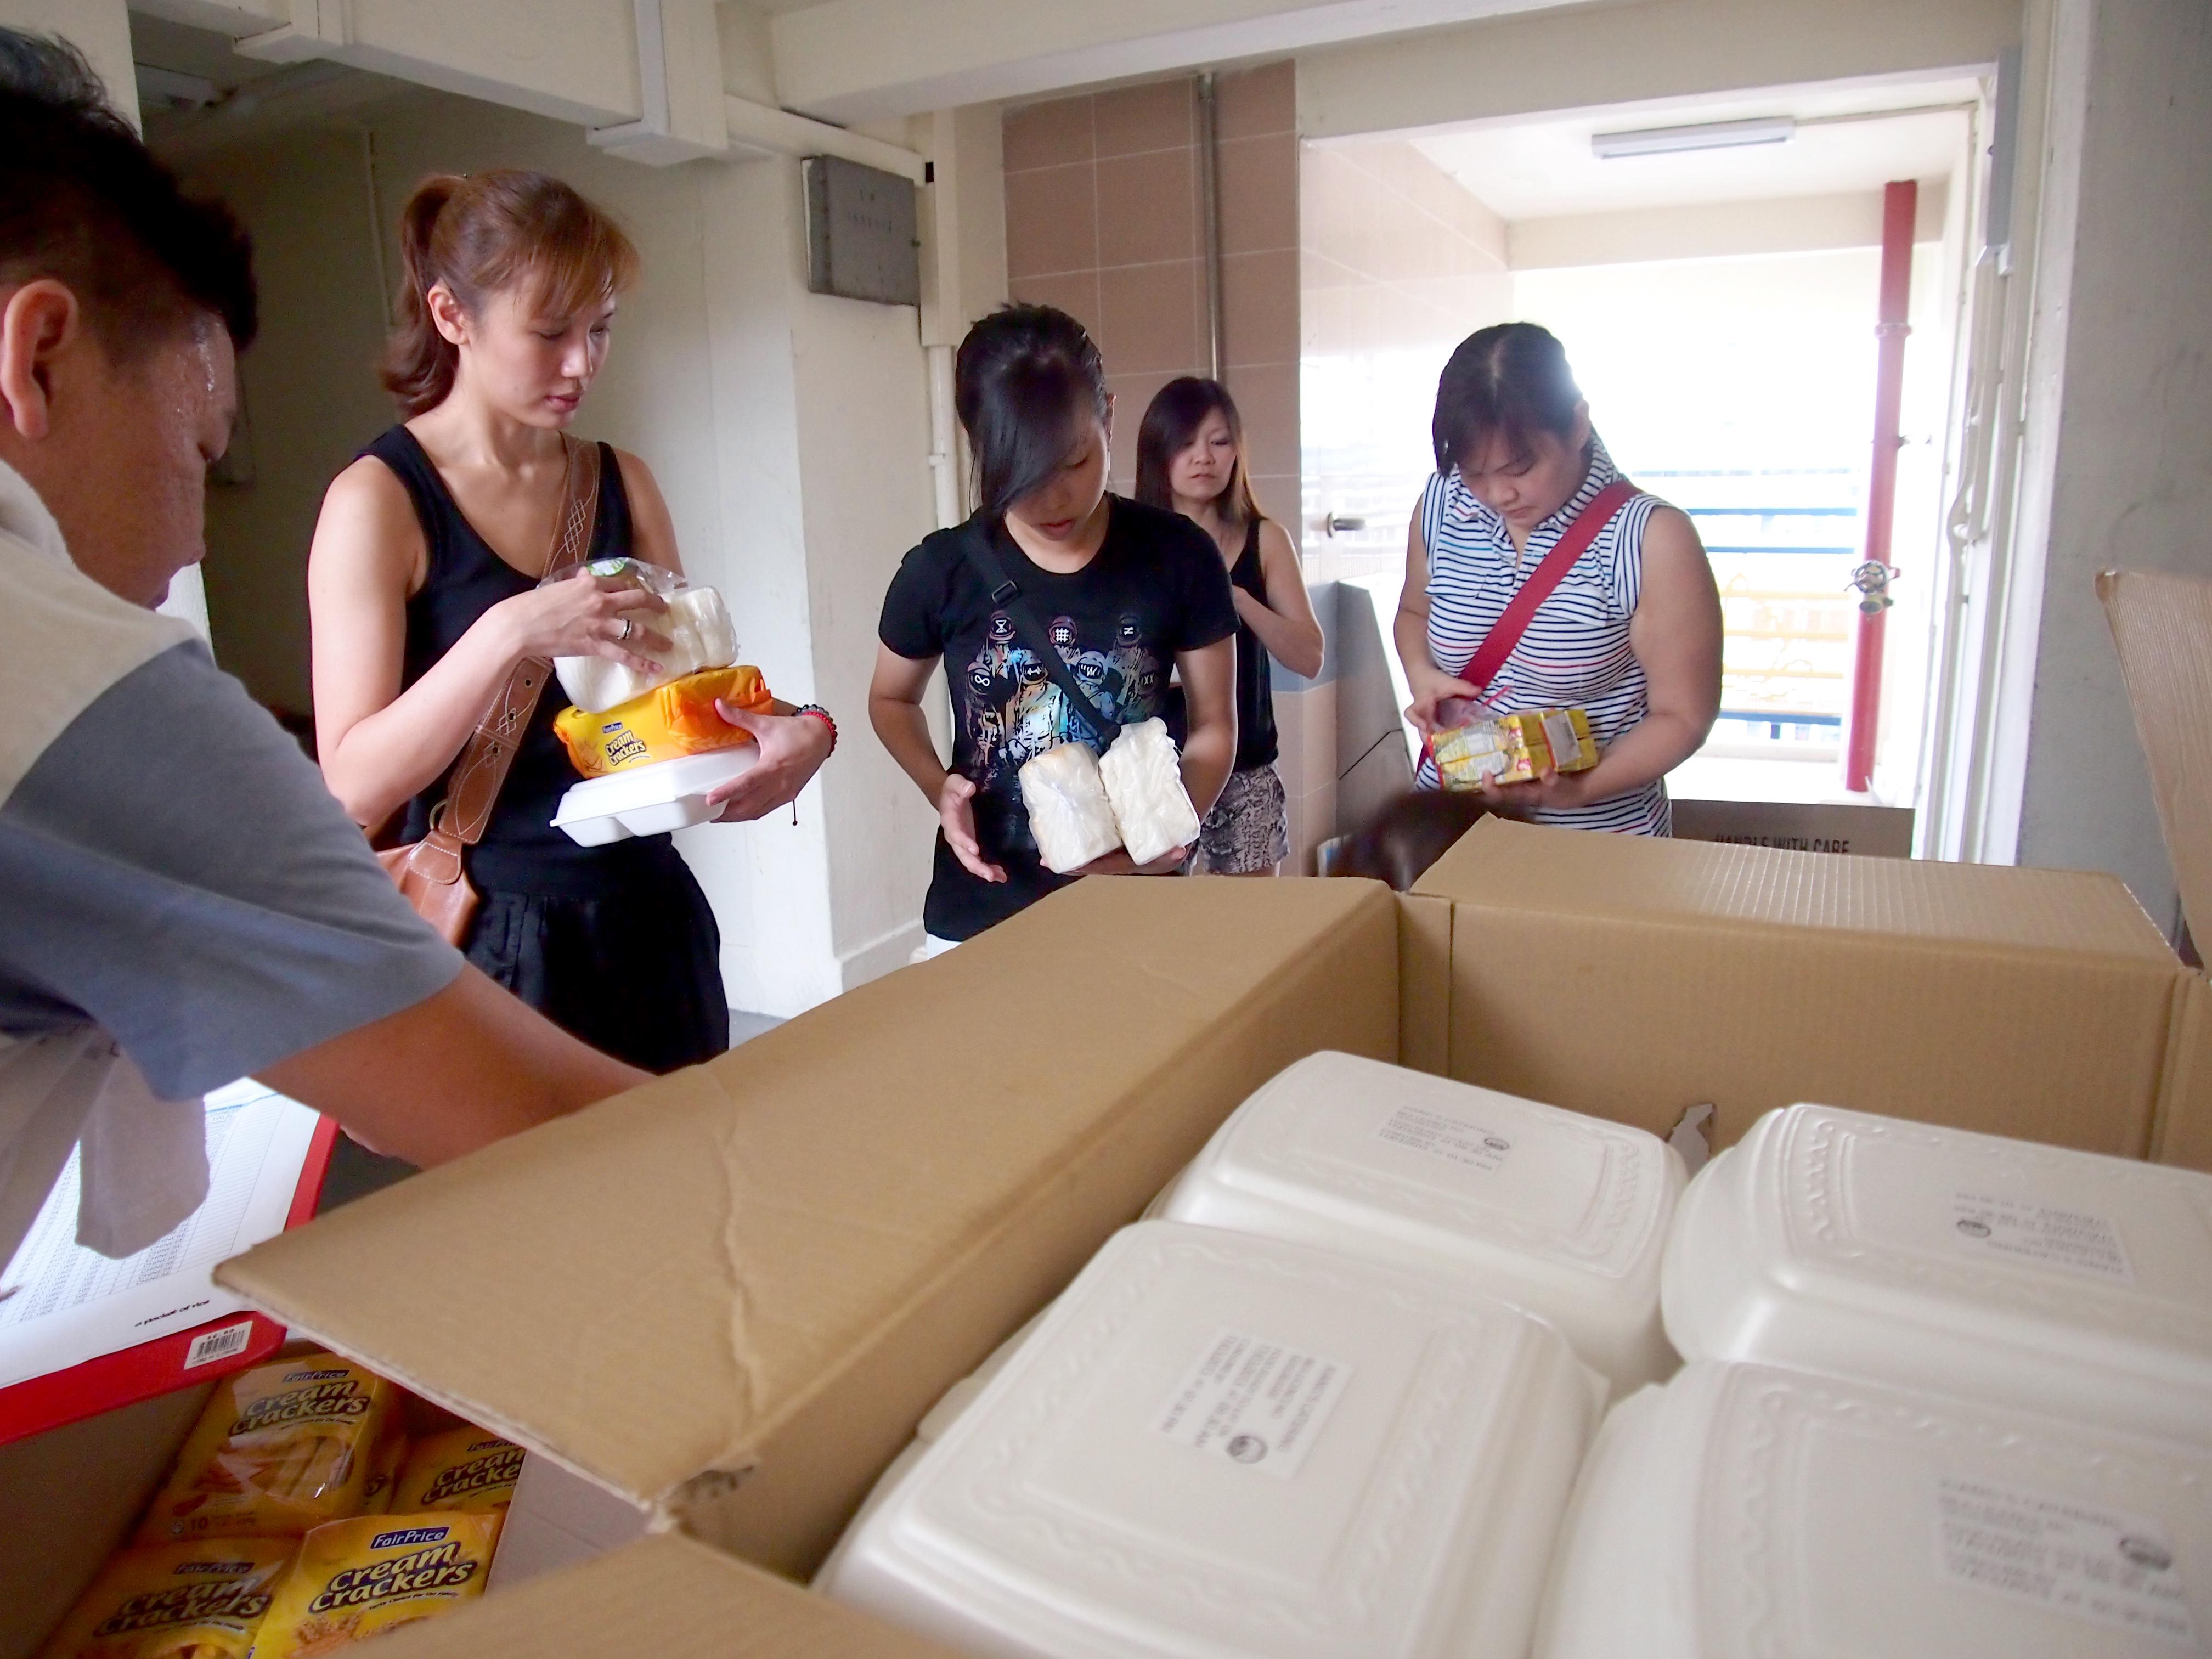 AspirantSG - Volunteers In Action